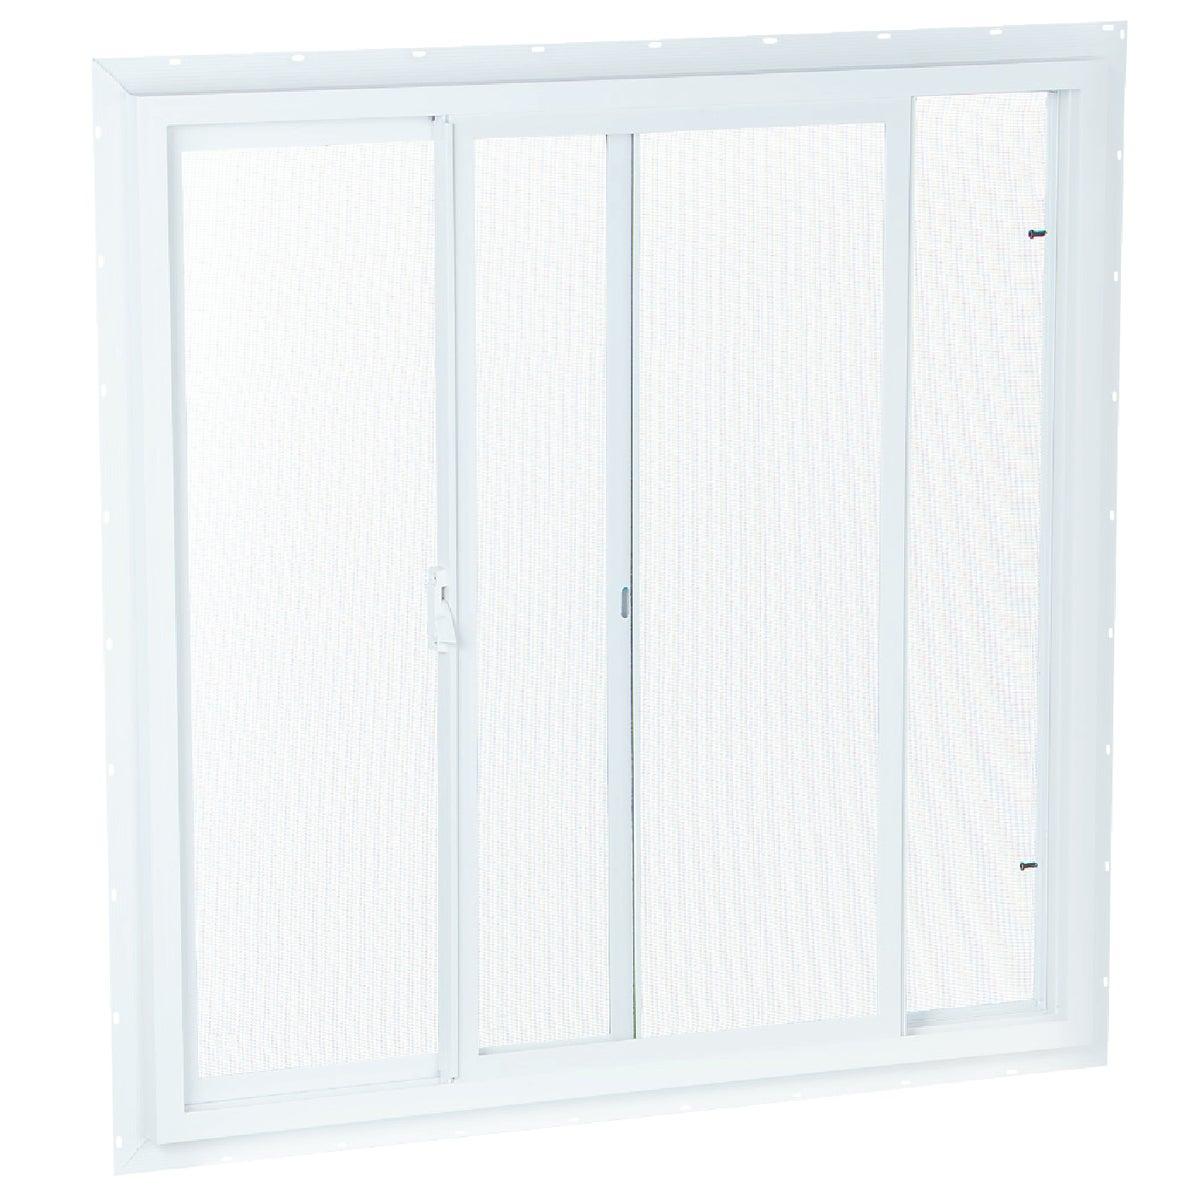 Wht Sldr Window W/Screen